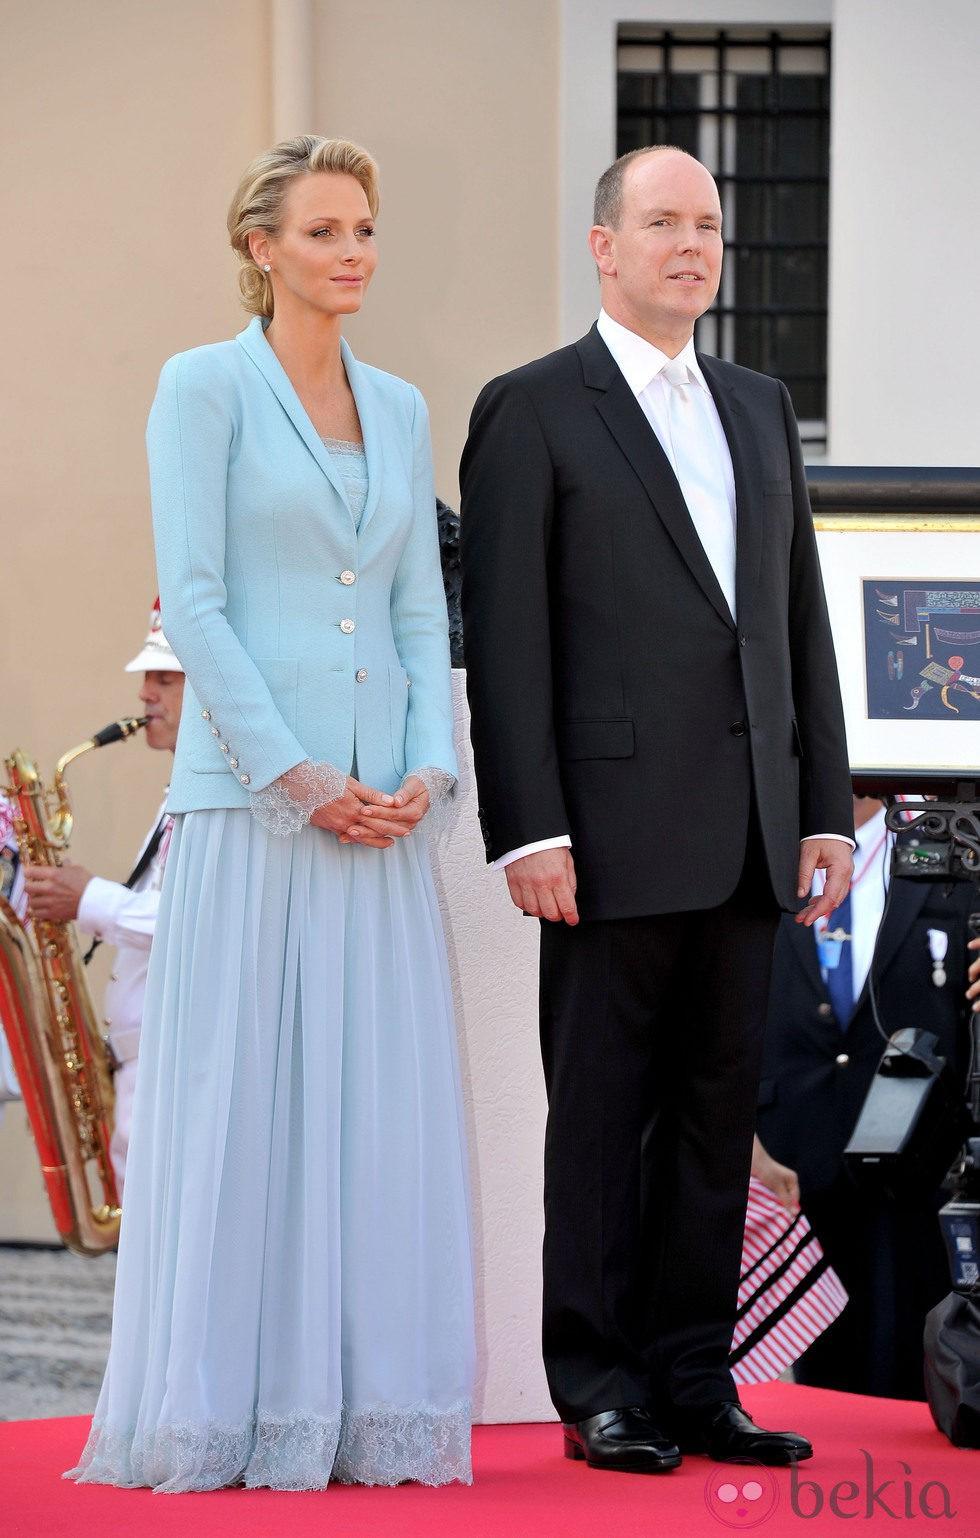 Los Príncipes Alberto II y Charlene de Mónaco tras su boda civil